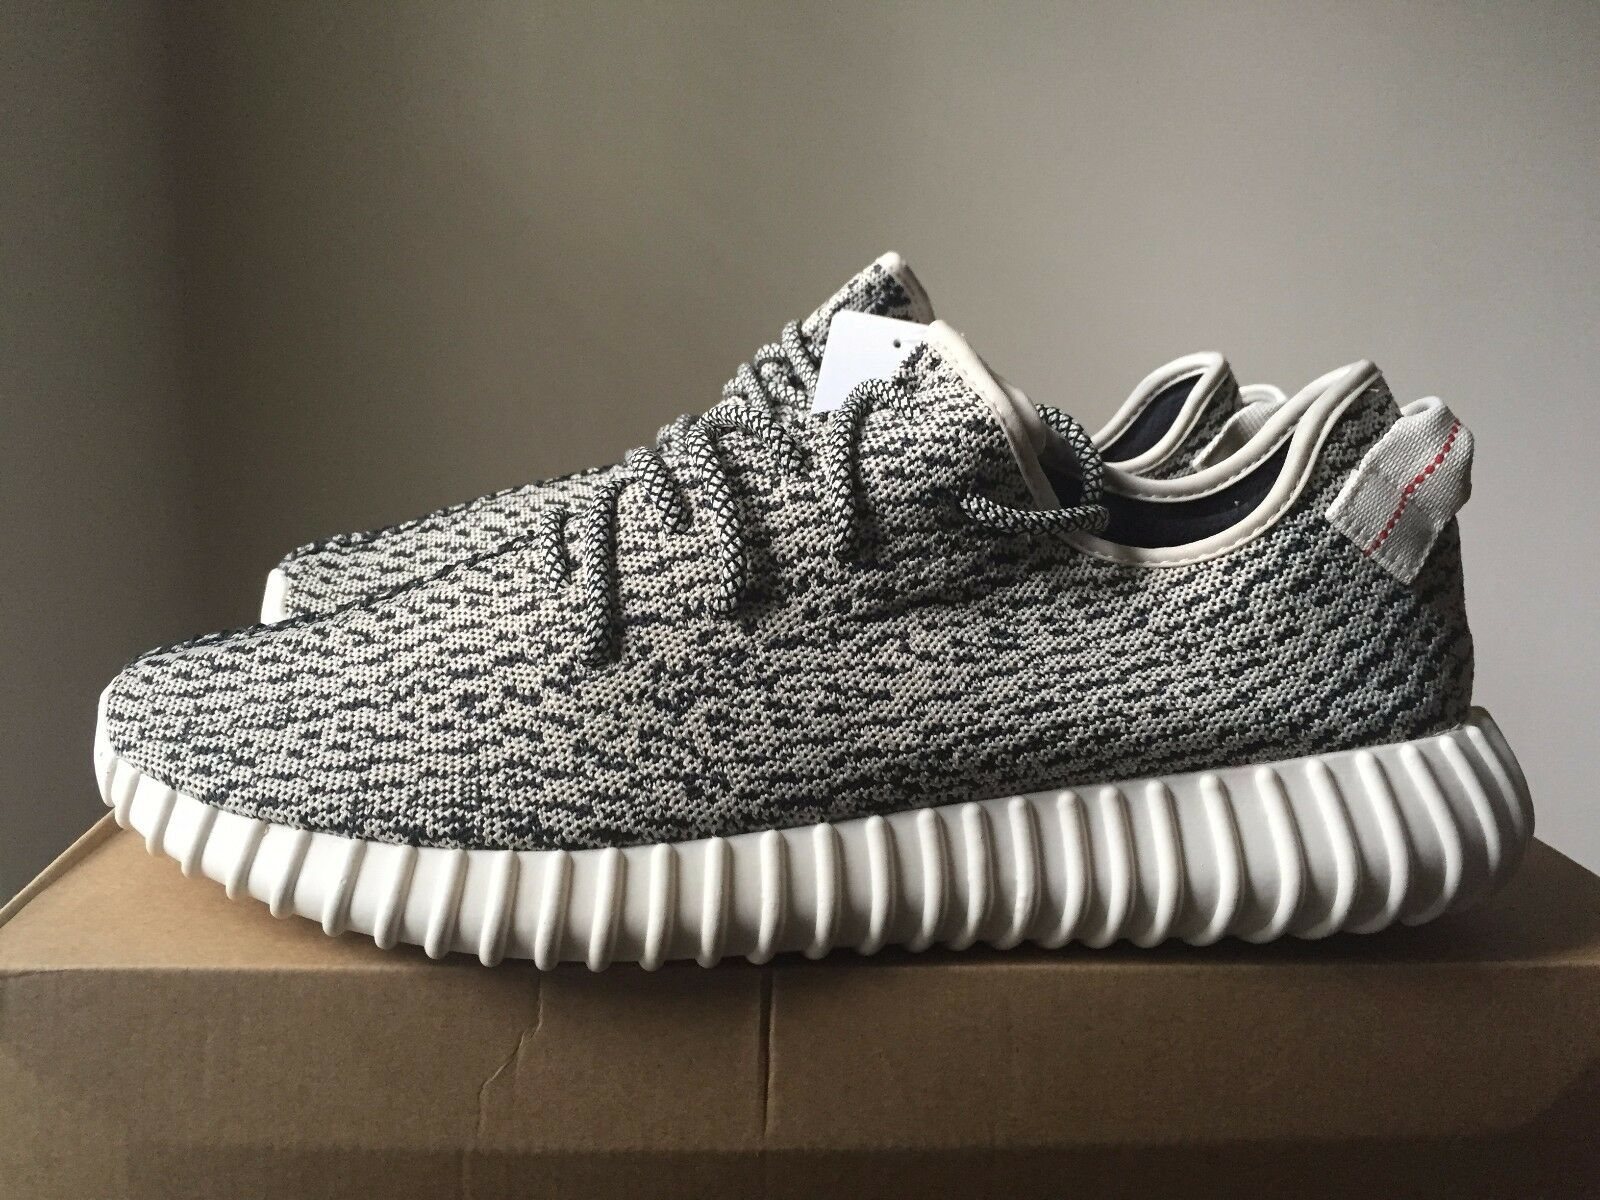 Adidas Yeezy Boost 350 Turtle Dove OG Comfortable